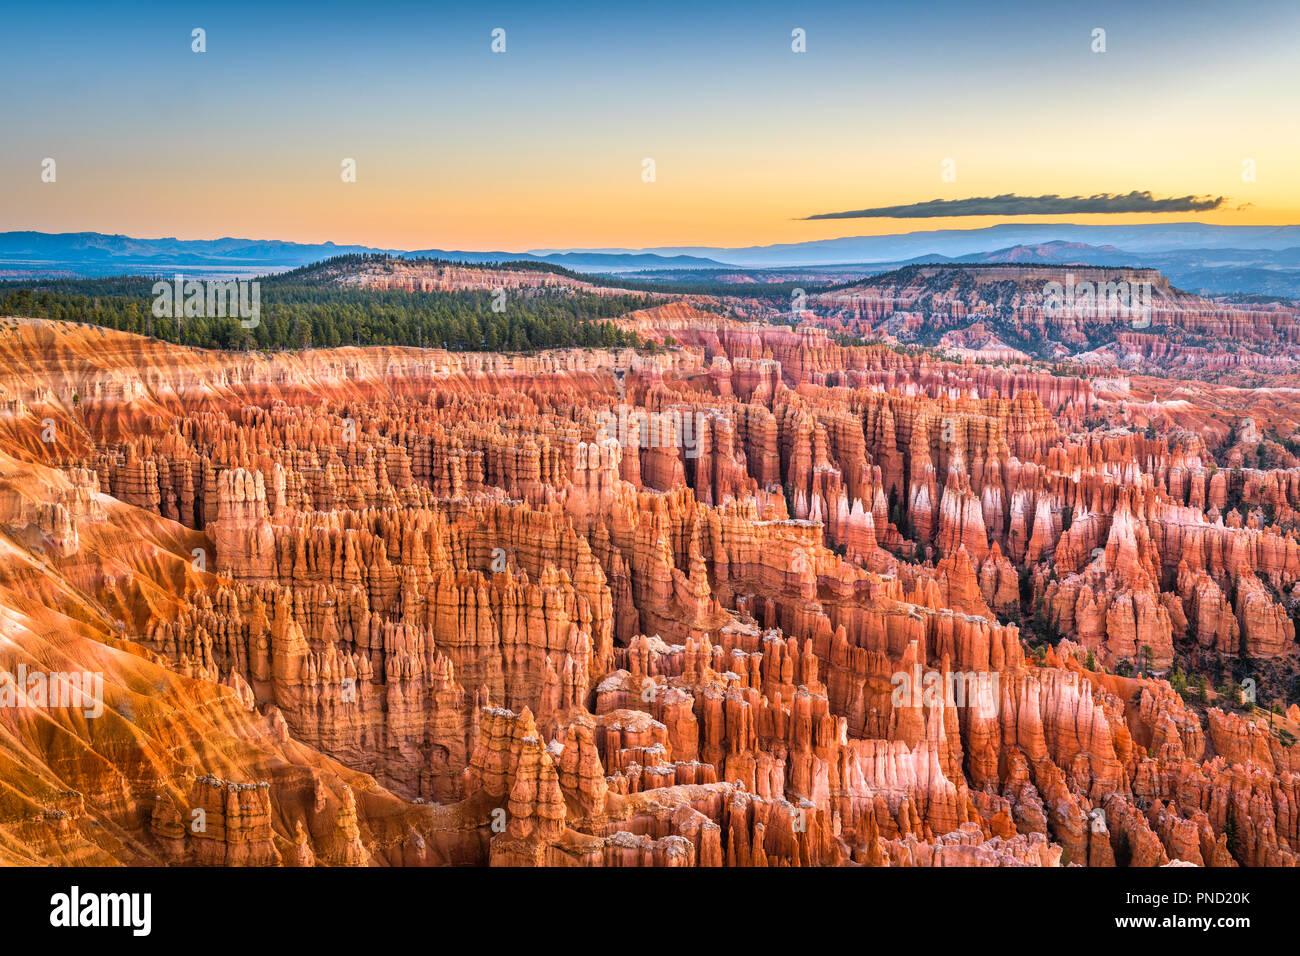 Bryce Canyon National Park, Utah, USA at dawn. - Stock Image